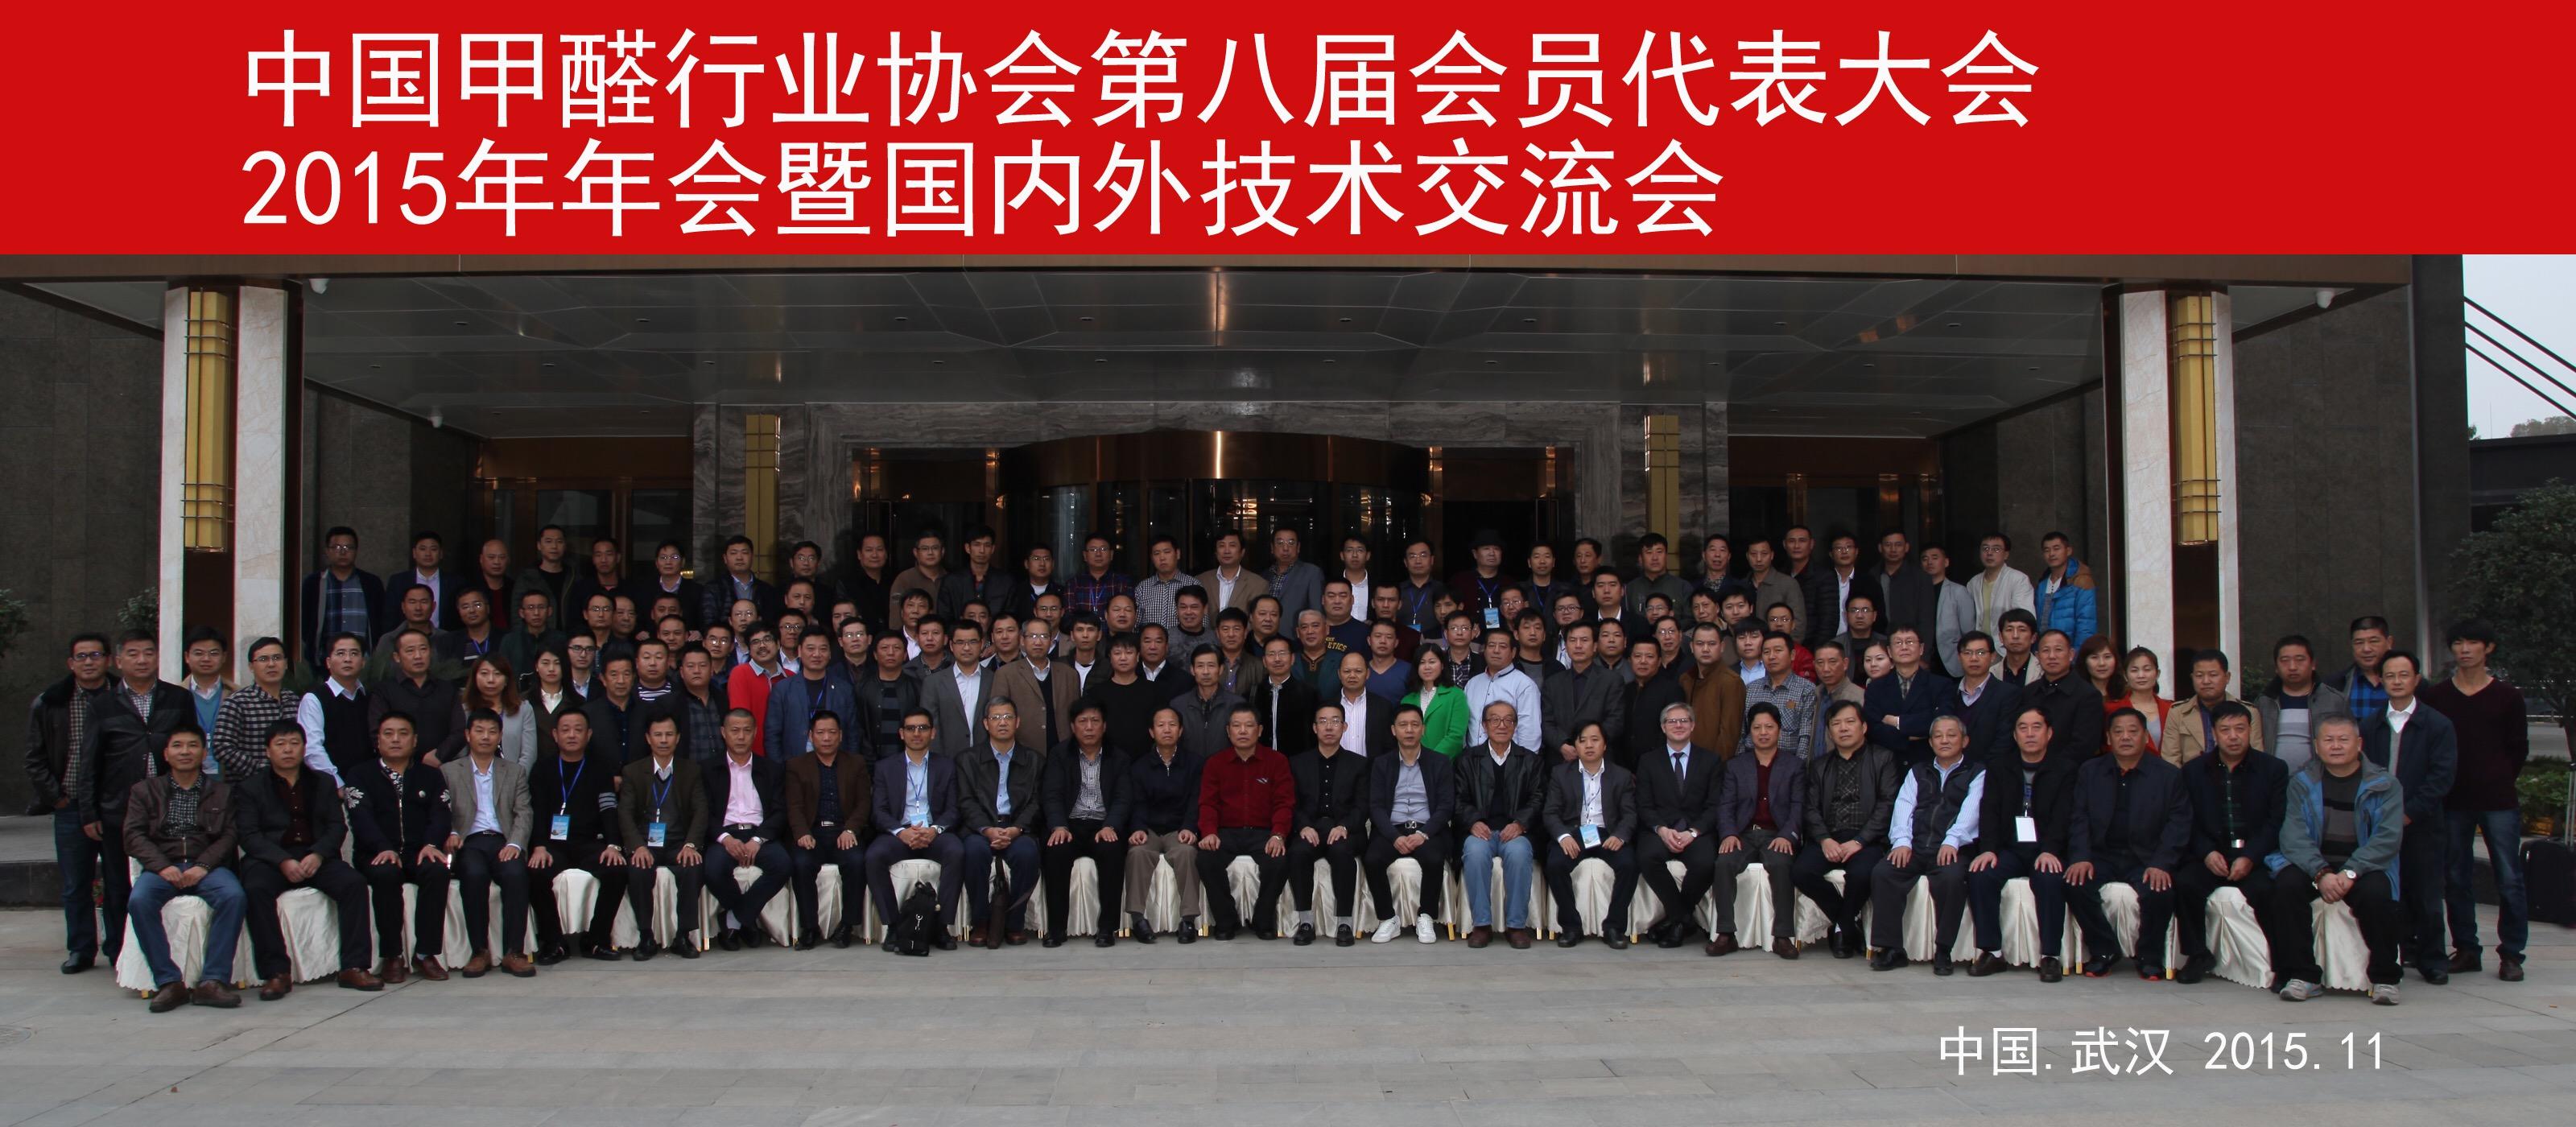 2015koksports官网技术交流会